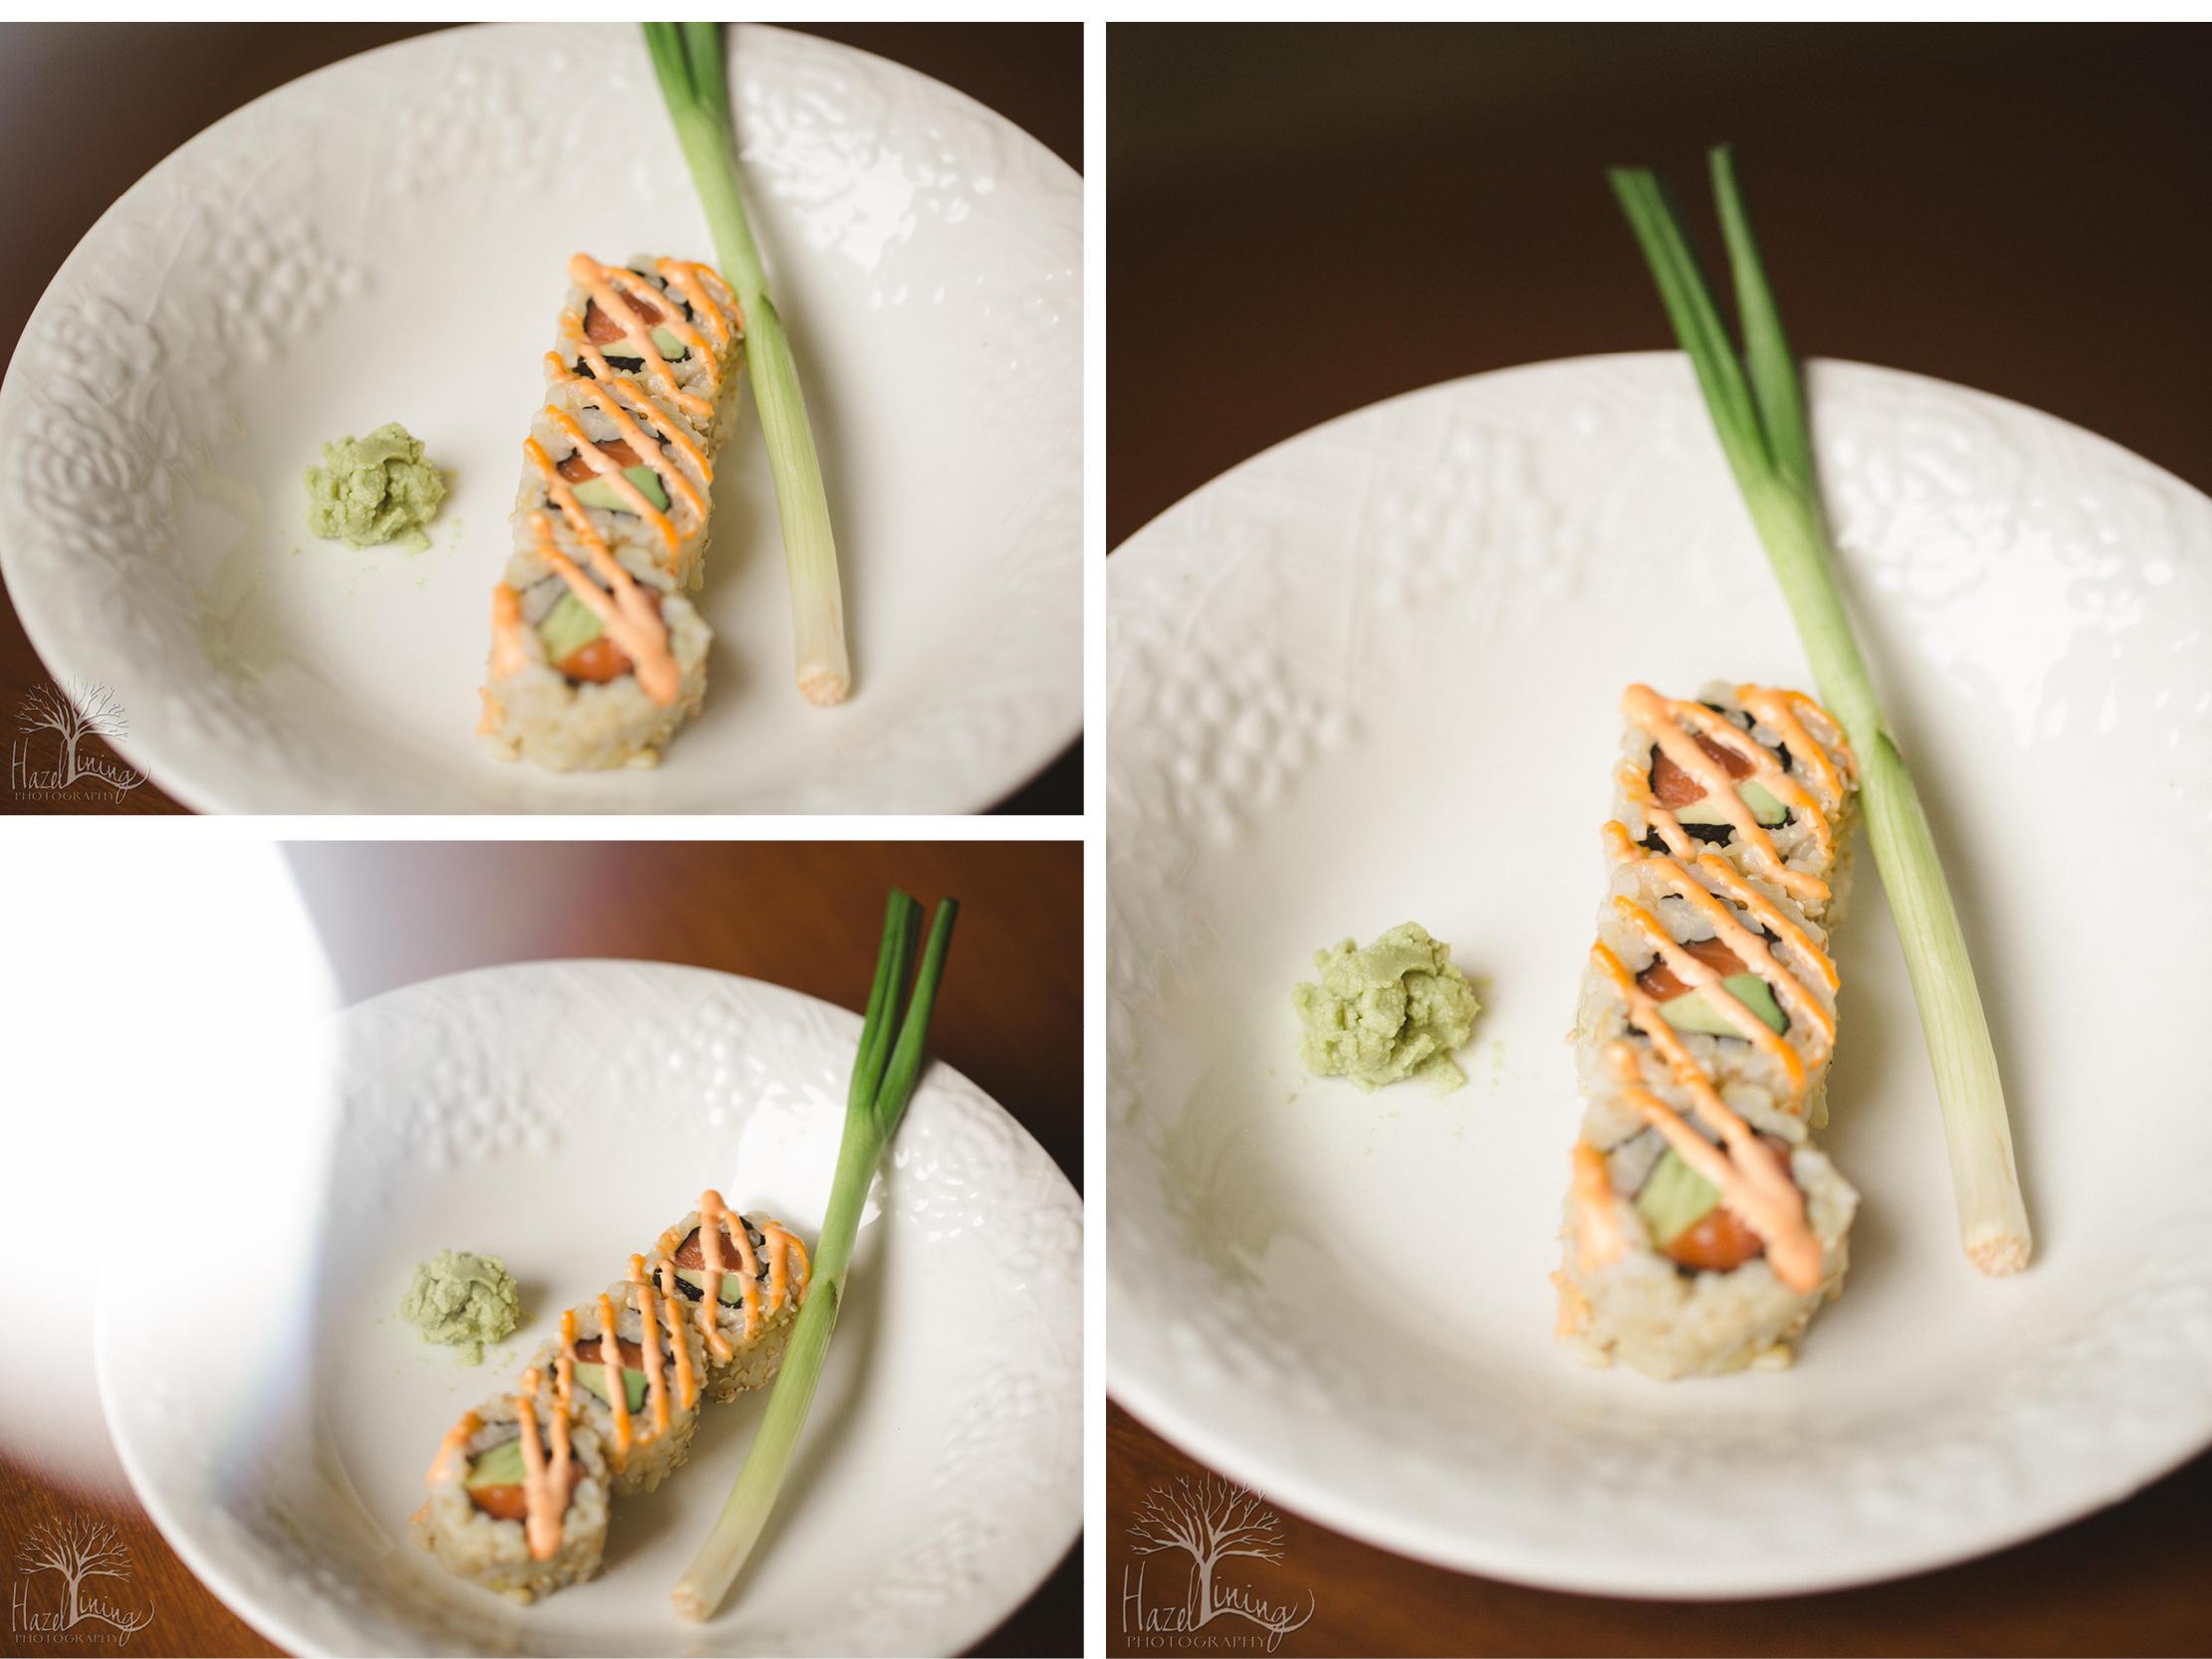 Food_3_195.jpg